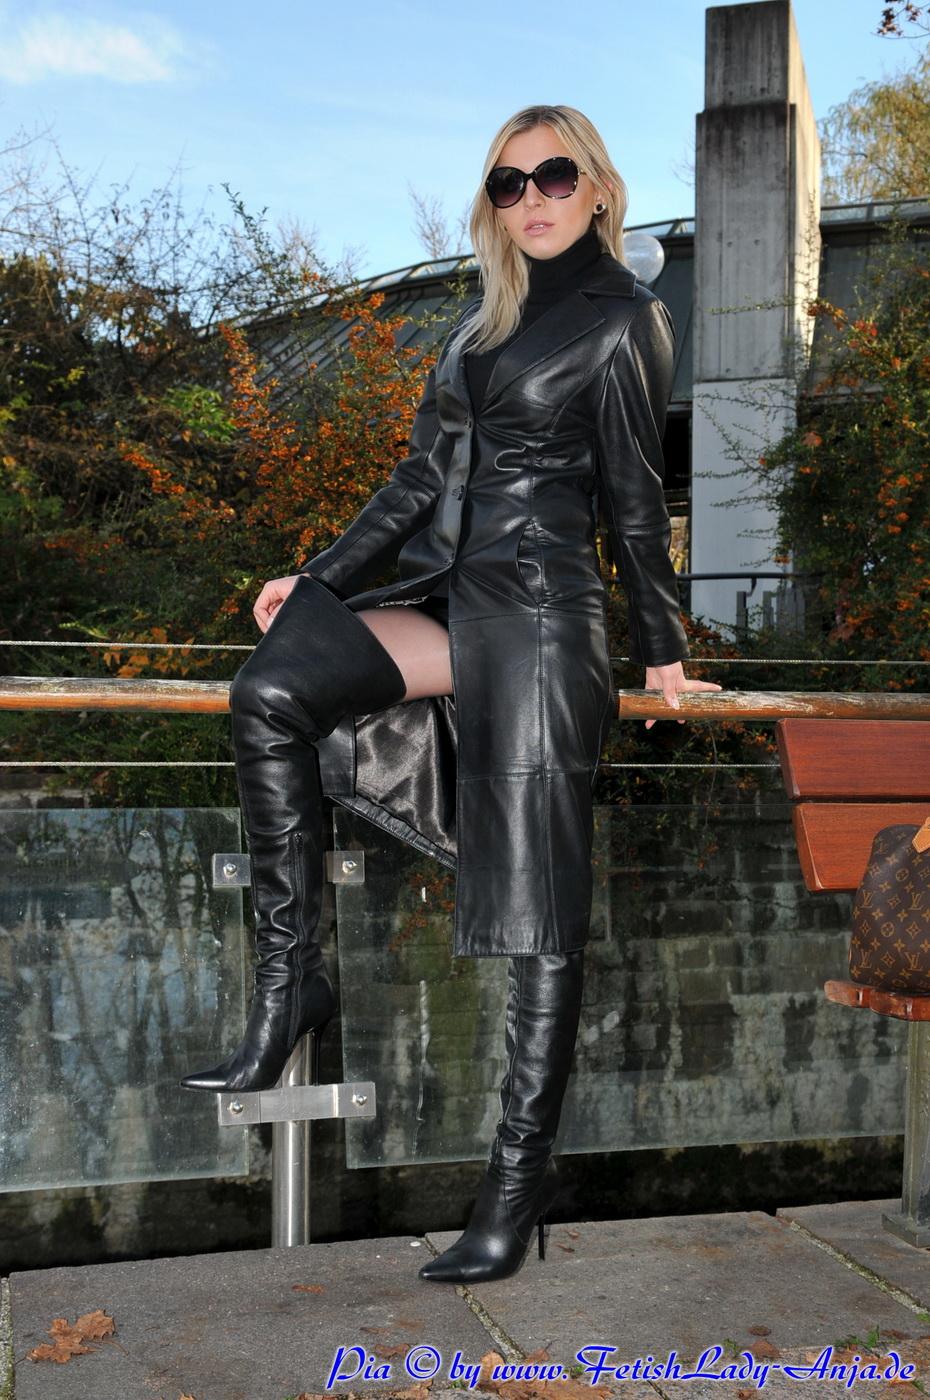 Une allumeuse blonde en mini de jeans - 3 10